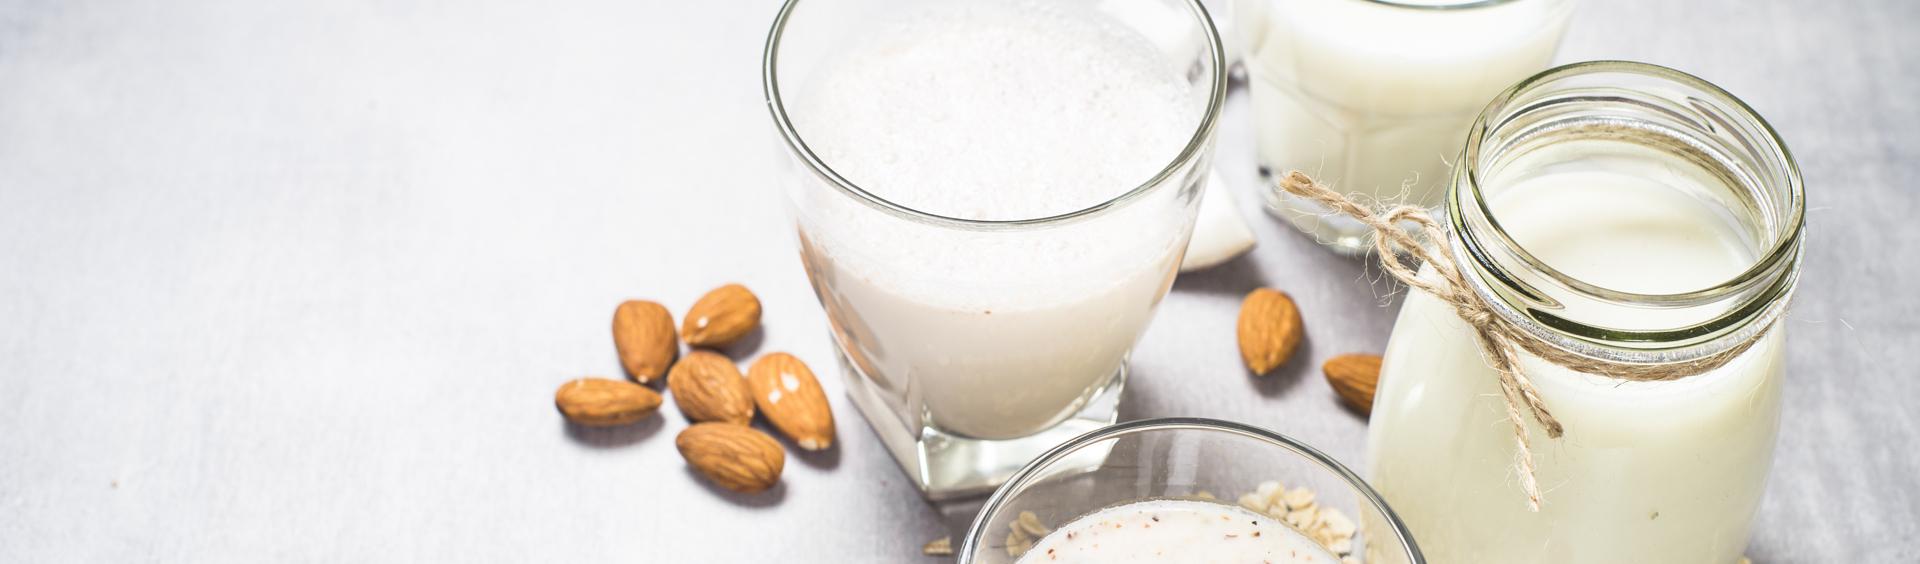 IBD Anti Inflammatory Disease Diet: Dairy and Milk Alternatives